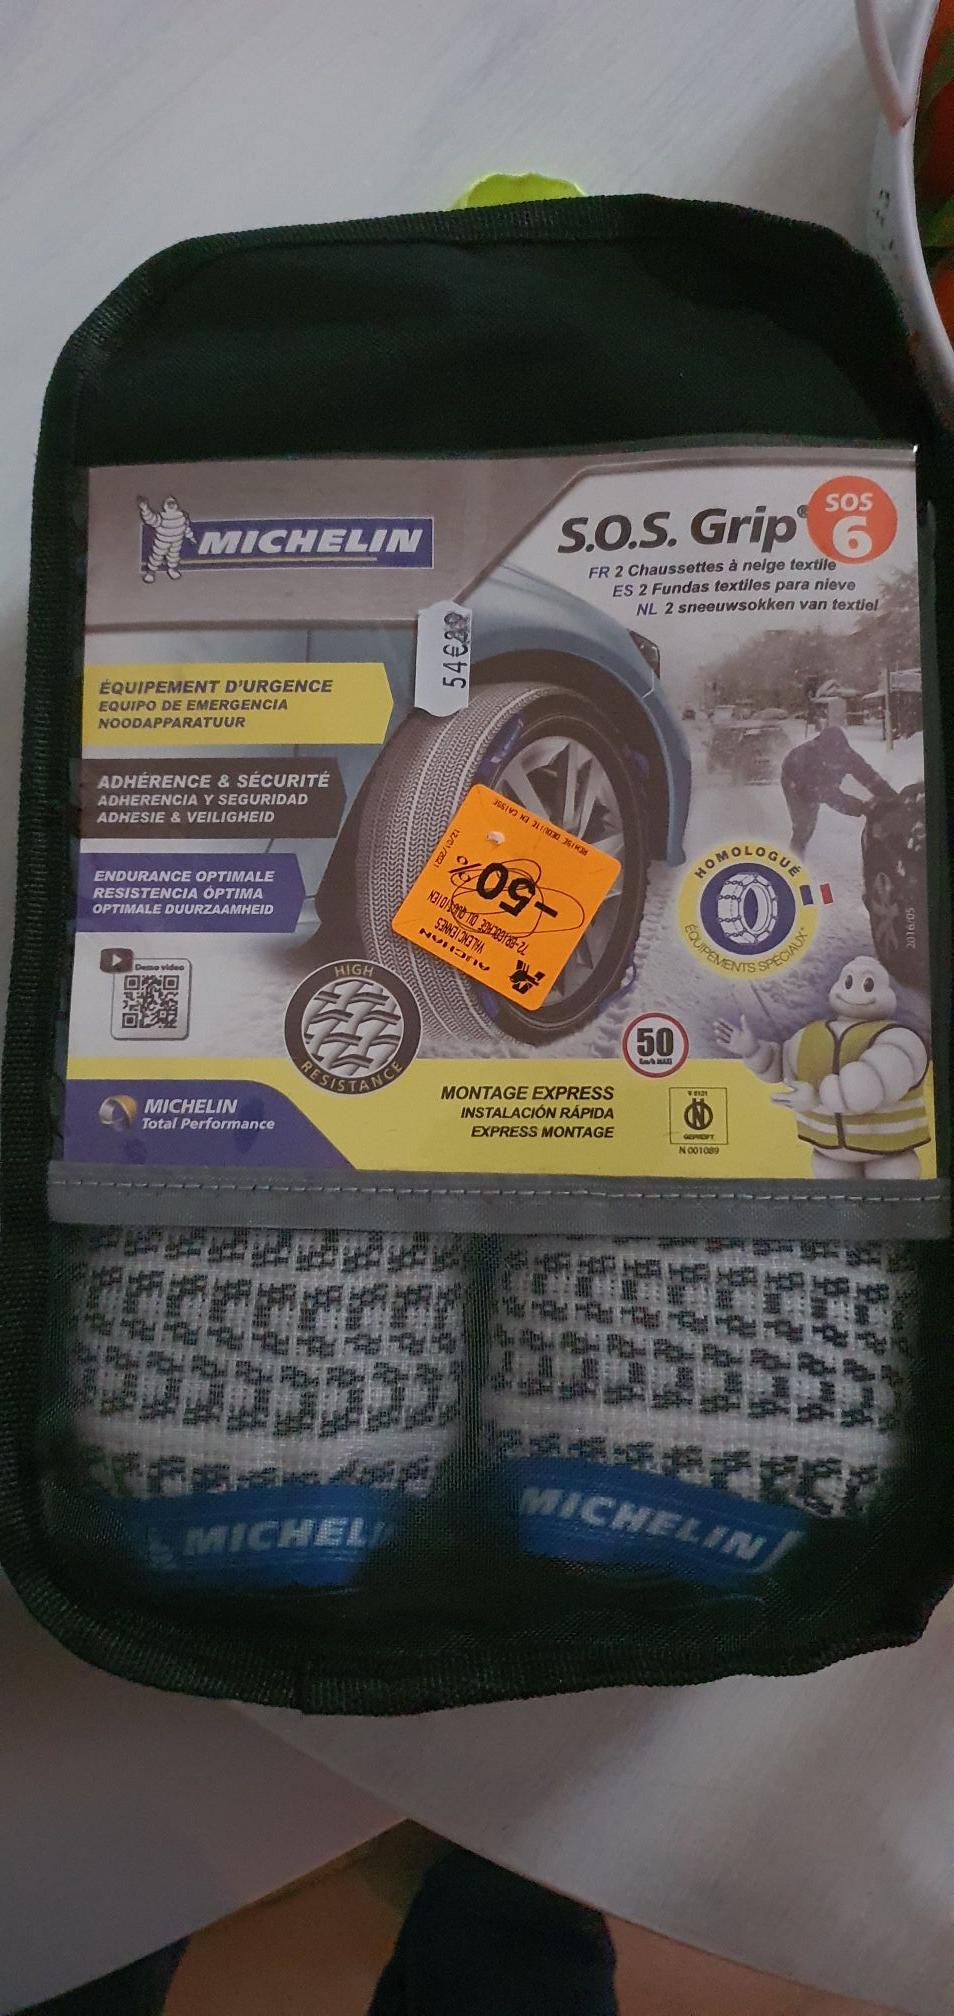 Chaussettes à Neige Michelin SOS Grip - Valenciennes (59)